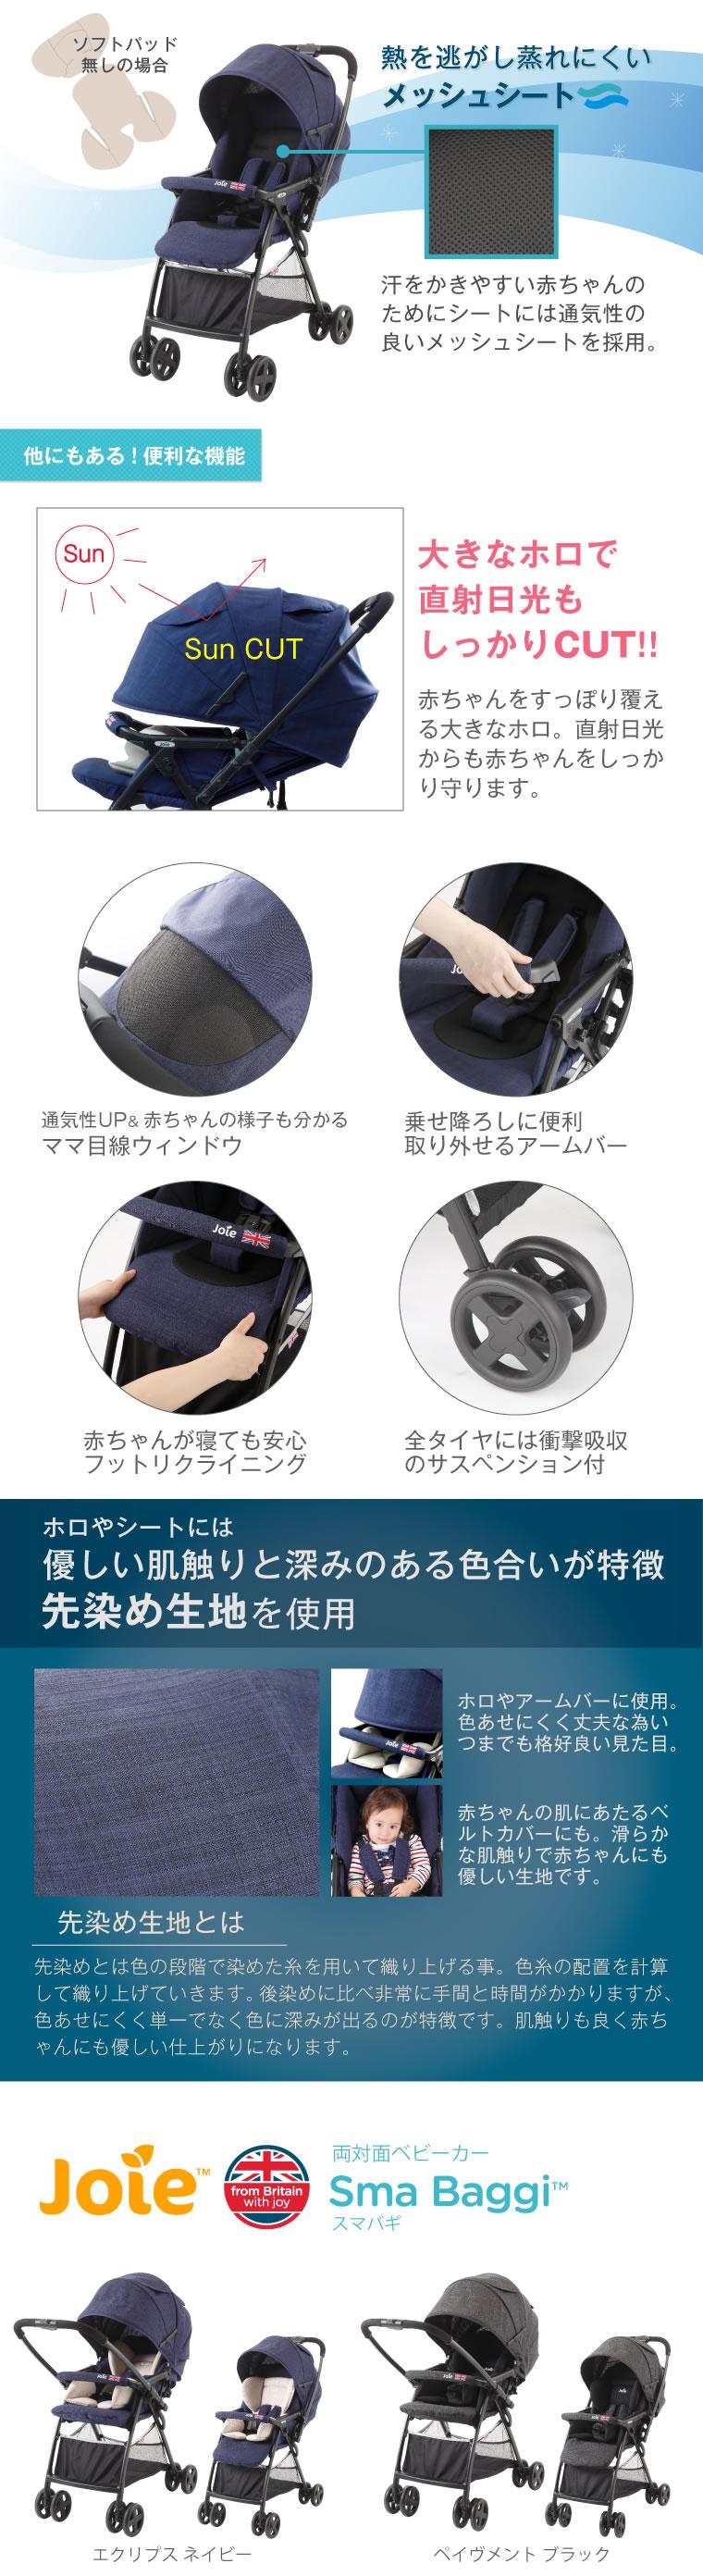 メッシュシートでソフトパッドが丸洗いできます